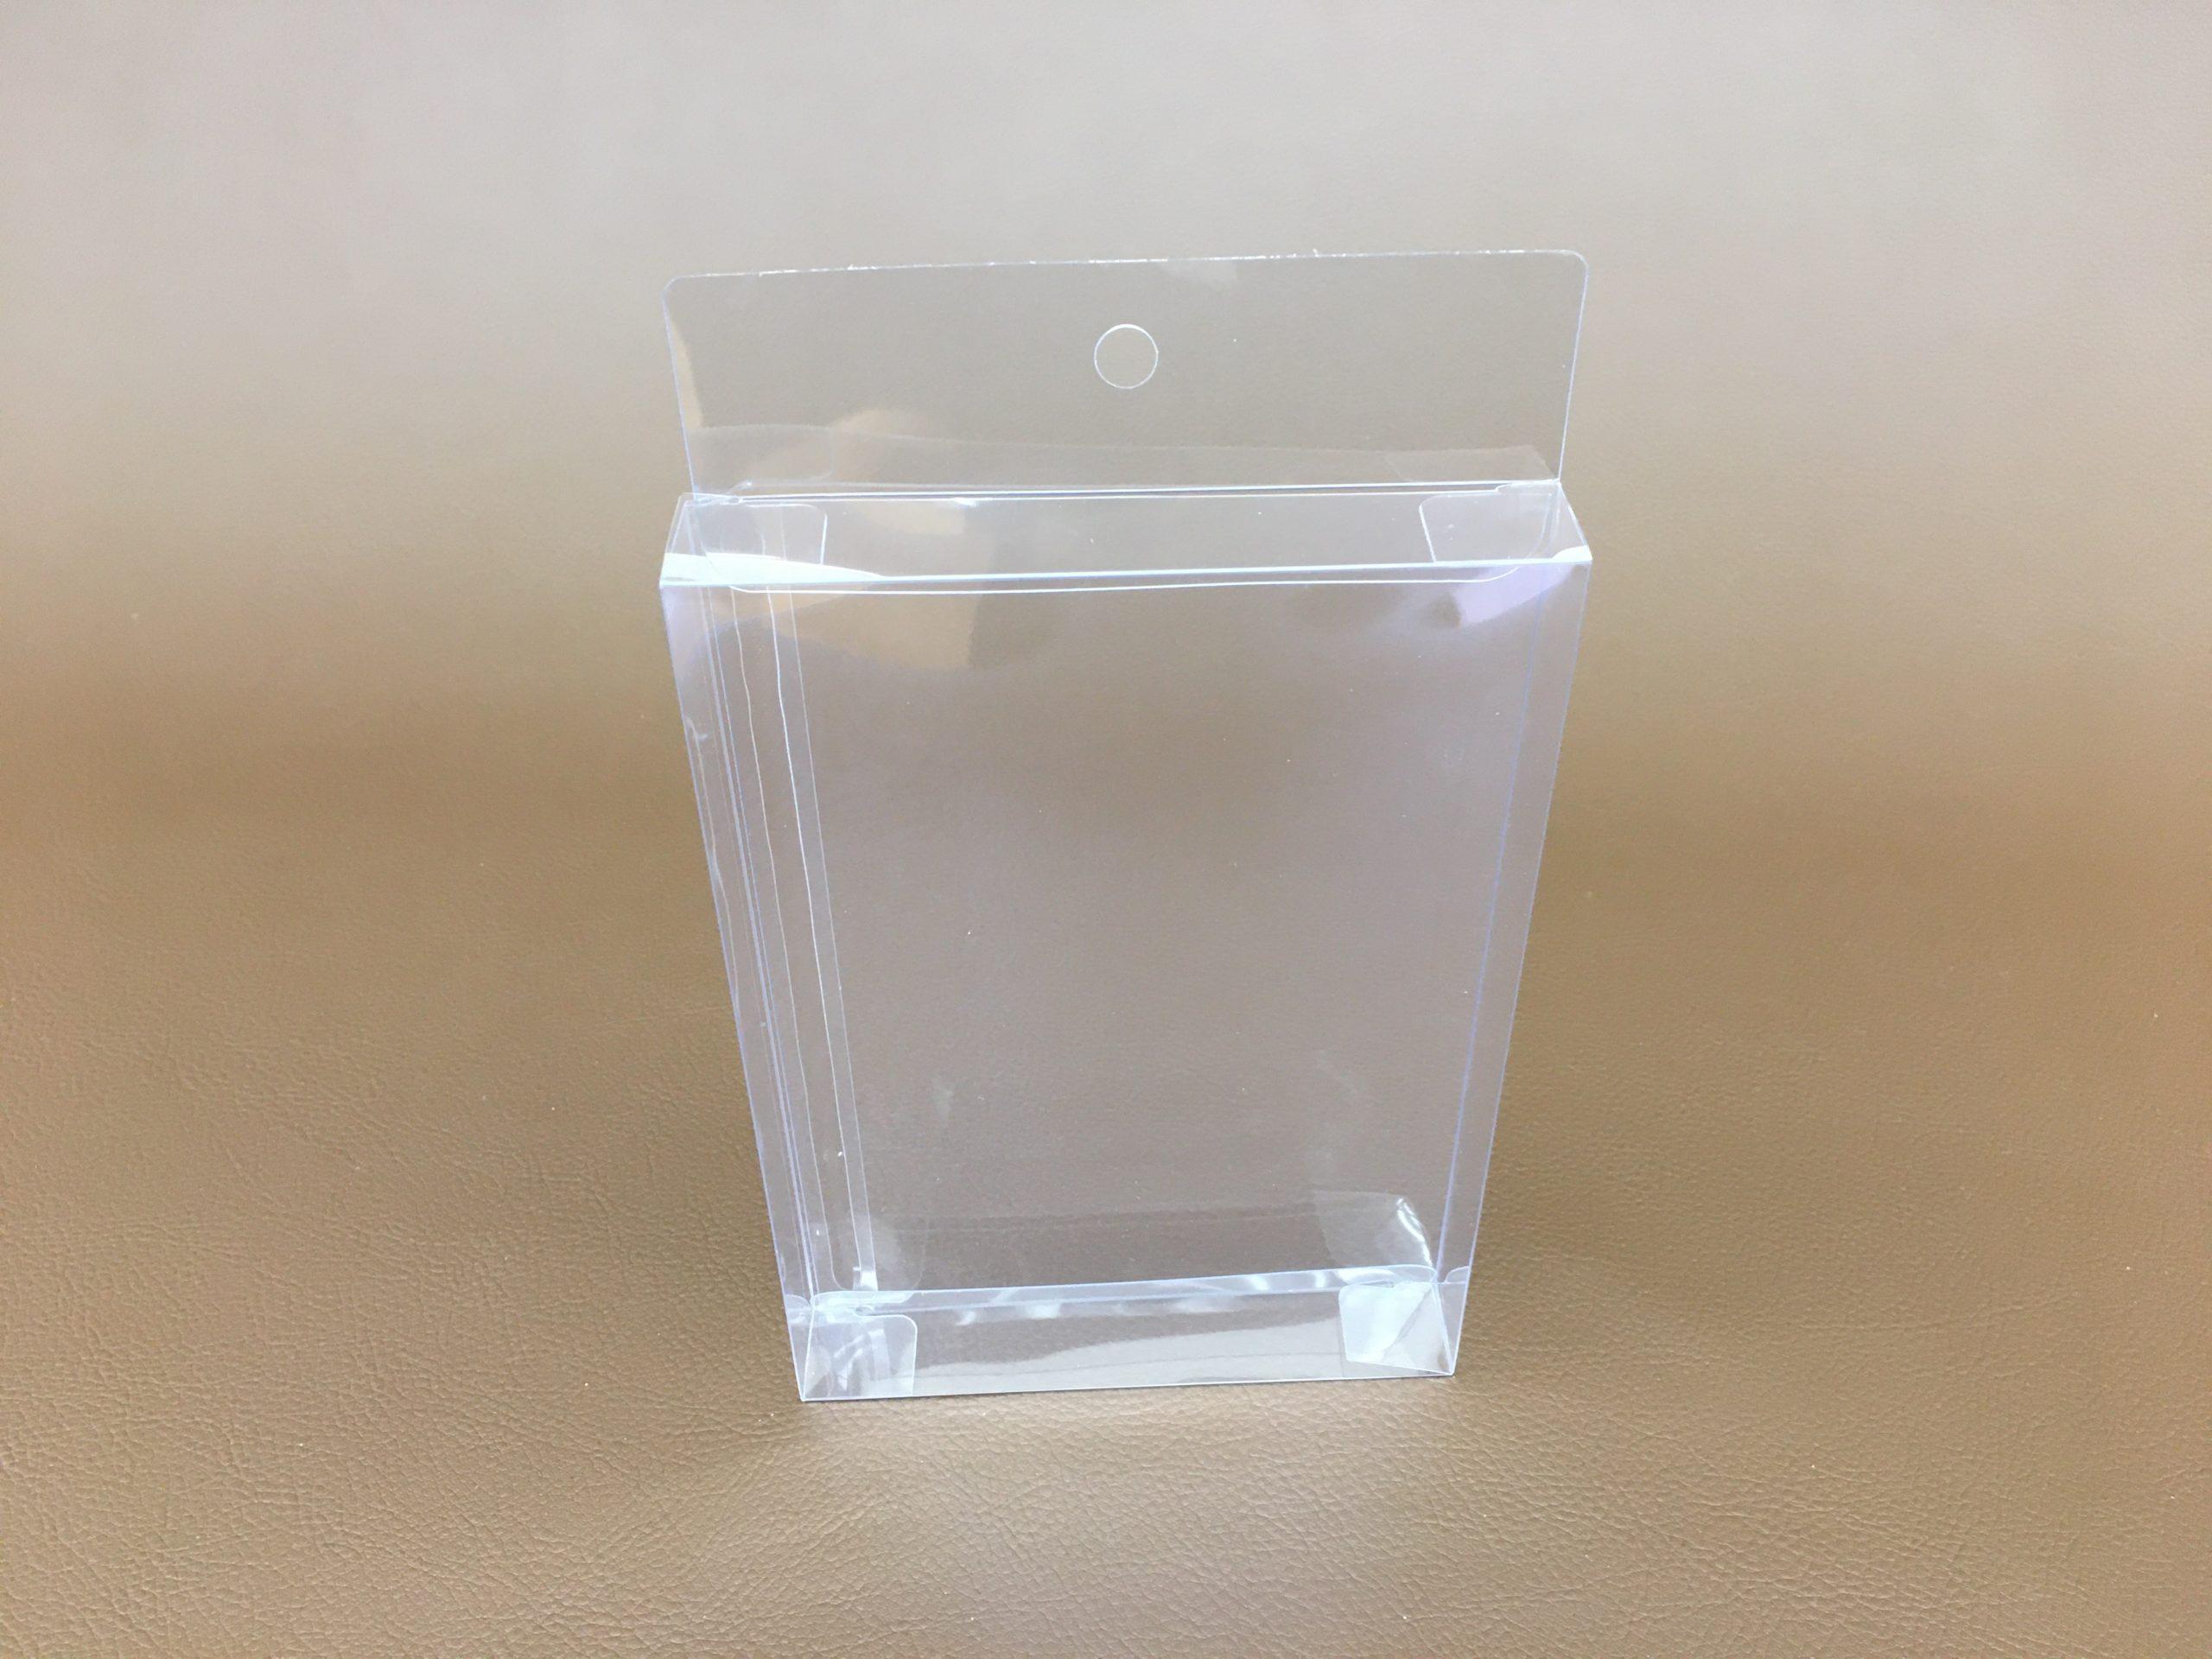 スマホカバー用ケースPET 0.3厚 W115mmxD20mmxH165mm